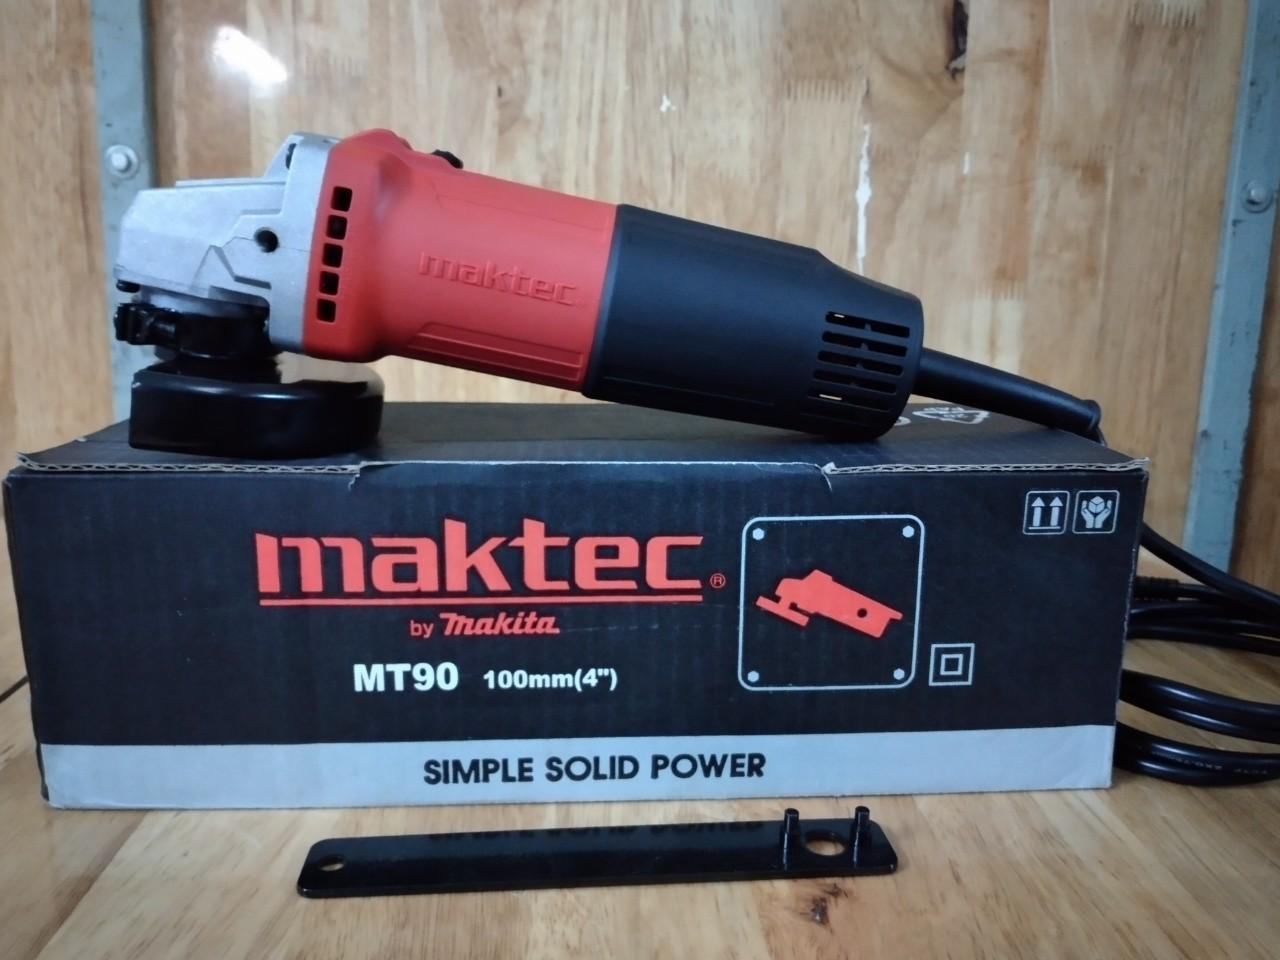 máy mài góc , máy cắt MAKTEC MT90 100mm | Lazada.vn